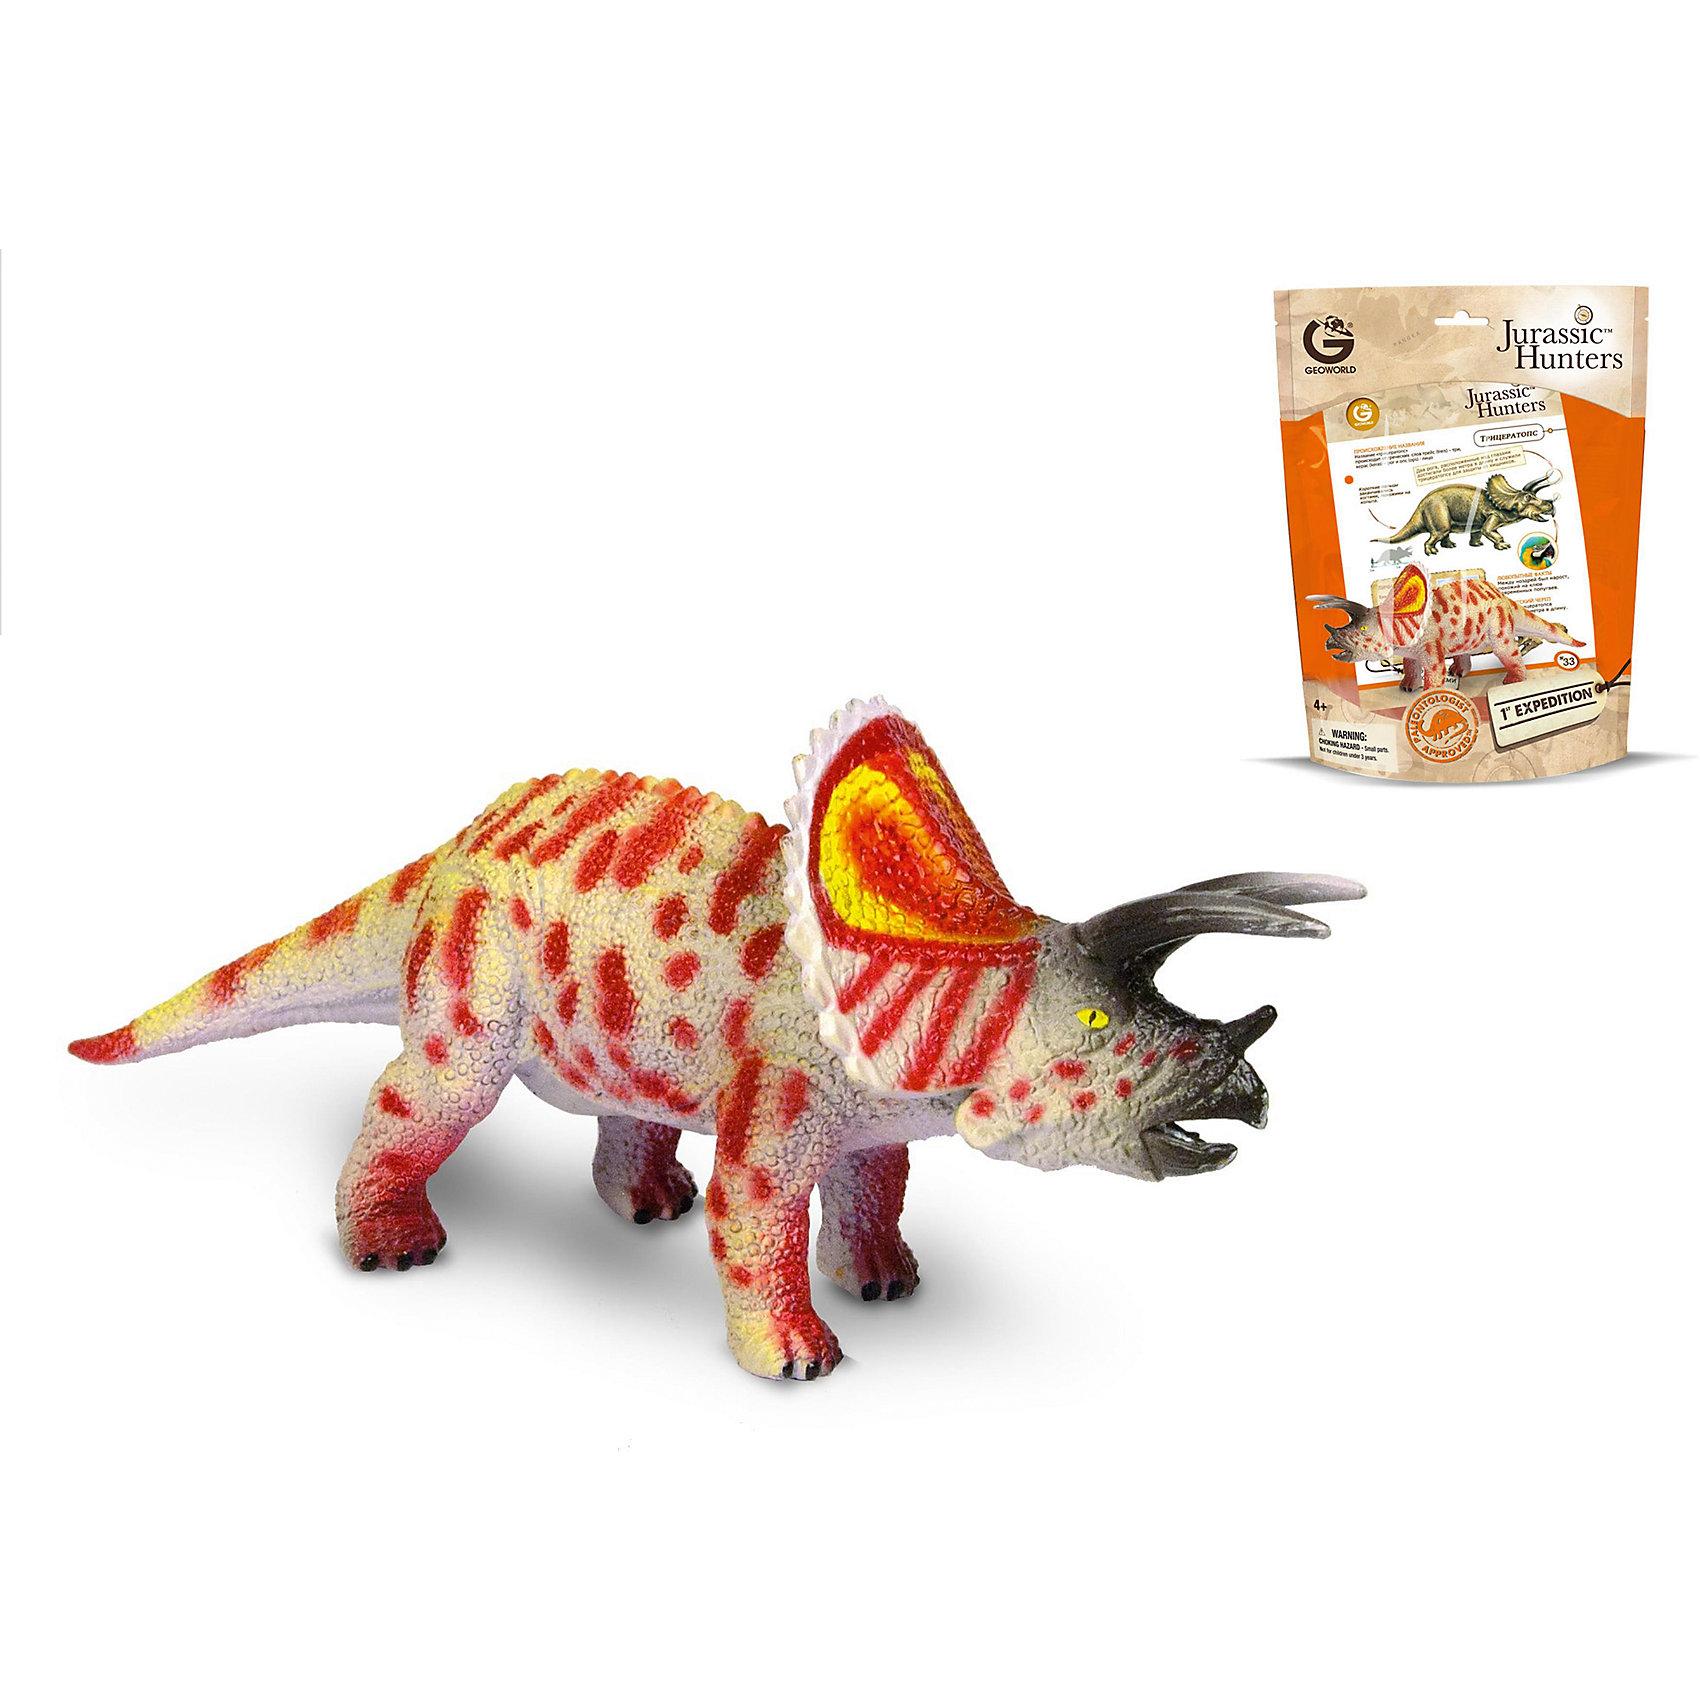 Динозавр Трицератопс, коллекция Jurassic Hunter, GeoworldДраконы и динозавры<br>Характеристики товара:<br><br>• материал: пластик<br>• возраст: от 4 лет<br>• длина игрушки: 17 см<br>• масштаб: 1:60<br>• в комплекте: фигурка динозавра, страница с научной информацией о динозавре, мини-буклет с указанием полной коллекции Jurassic Hunters (Охотников за Динозаврами).<br>• габариты упаковки: 21х8х27 см<br>• вес: 135 г<br>• страна бренда: Италия<br><br>Детализированная фигурка отлично впишется в коллекцию динозавров юного палеонтолога. Уникальный дизайн, проработанные мелкие детали и художественное исполнение сделали игрушку очень реалистичной и перенесли ее в раздел коллекционных моделей. Материалы, использованные при изготовлении товаров, проходят проверку на качество и соответствие международным требованиям по безопасности.<br>Такие фигурки помогают привить детям любовь к учебе, развить воображение и интерес к коллекционированию.<br><br>Динозавр Трицератопс, коллекция Jurassic Hunter, от бренда Geoworld можно купить в нашем интернет-магазине.<br><br>Ширина мм: 210<br>Глубина мм: 80<br>Высота мм: 270<br>Вес г: 135<br>Возраст от месяцев: 48<br>Возраст до месяцев: 108<br>Пол: Унисекс<br>Возраст: Детский<br>SKU: 5418988